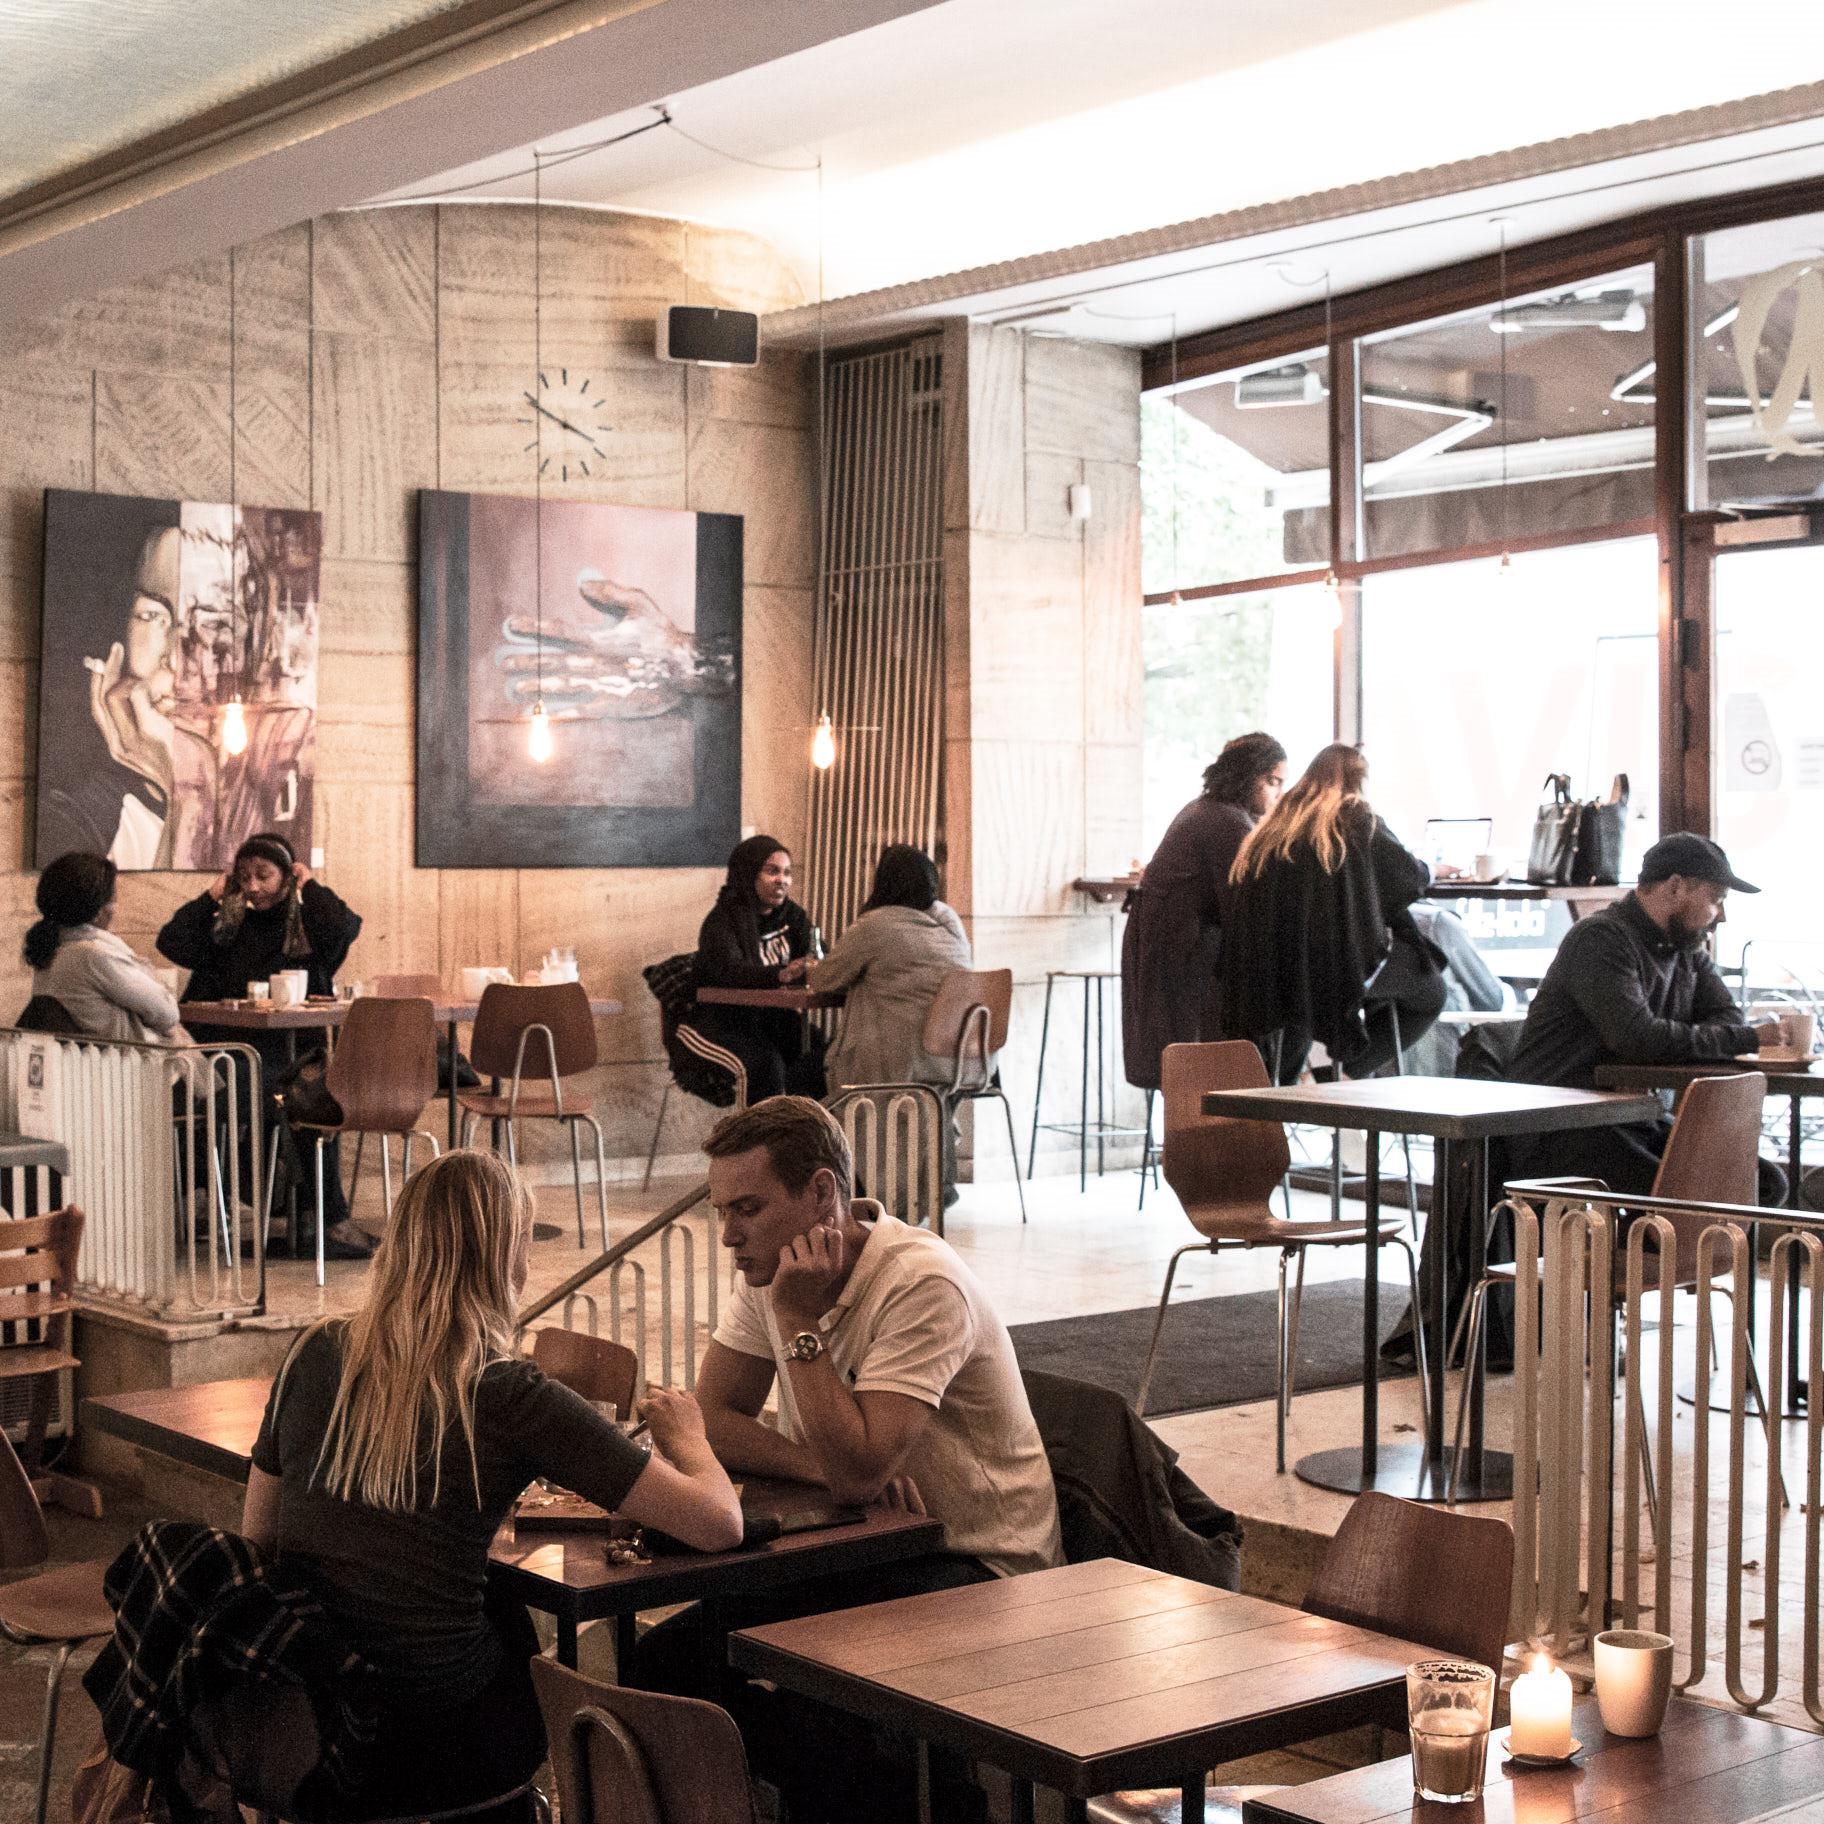 - Hos Mokkariet på Nørrebro er kvaliteten og velsmagen altidhøjeste prioritet - uanset om du vælger at nyde vores omhyggeligt bryggede kaffe, vores smukke kager eller vores udvalg af morgenmad, suppe og sandwiches.